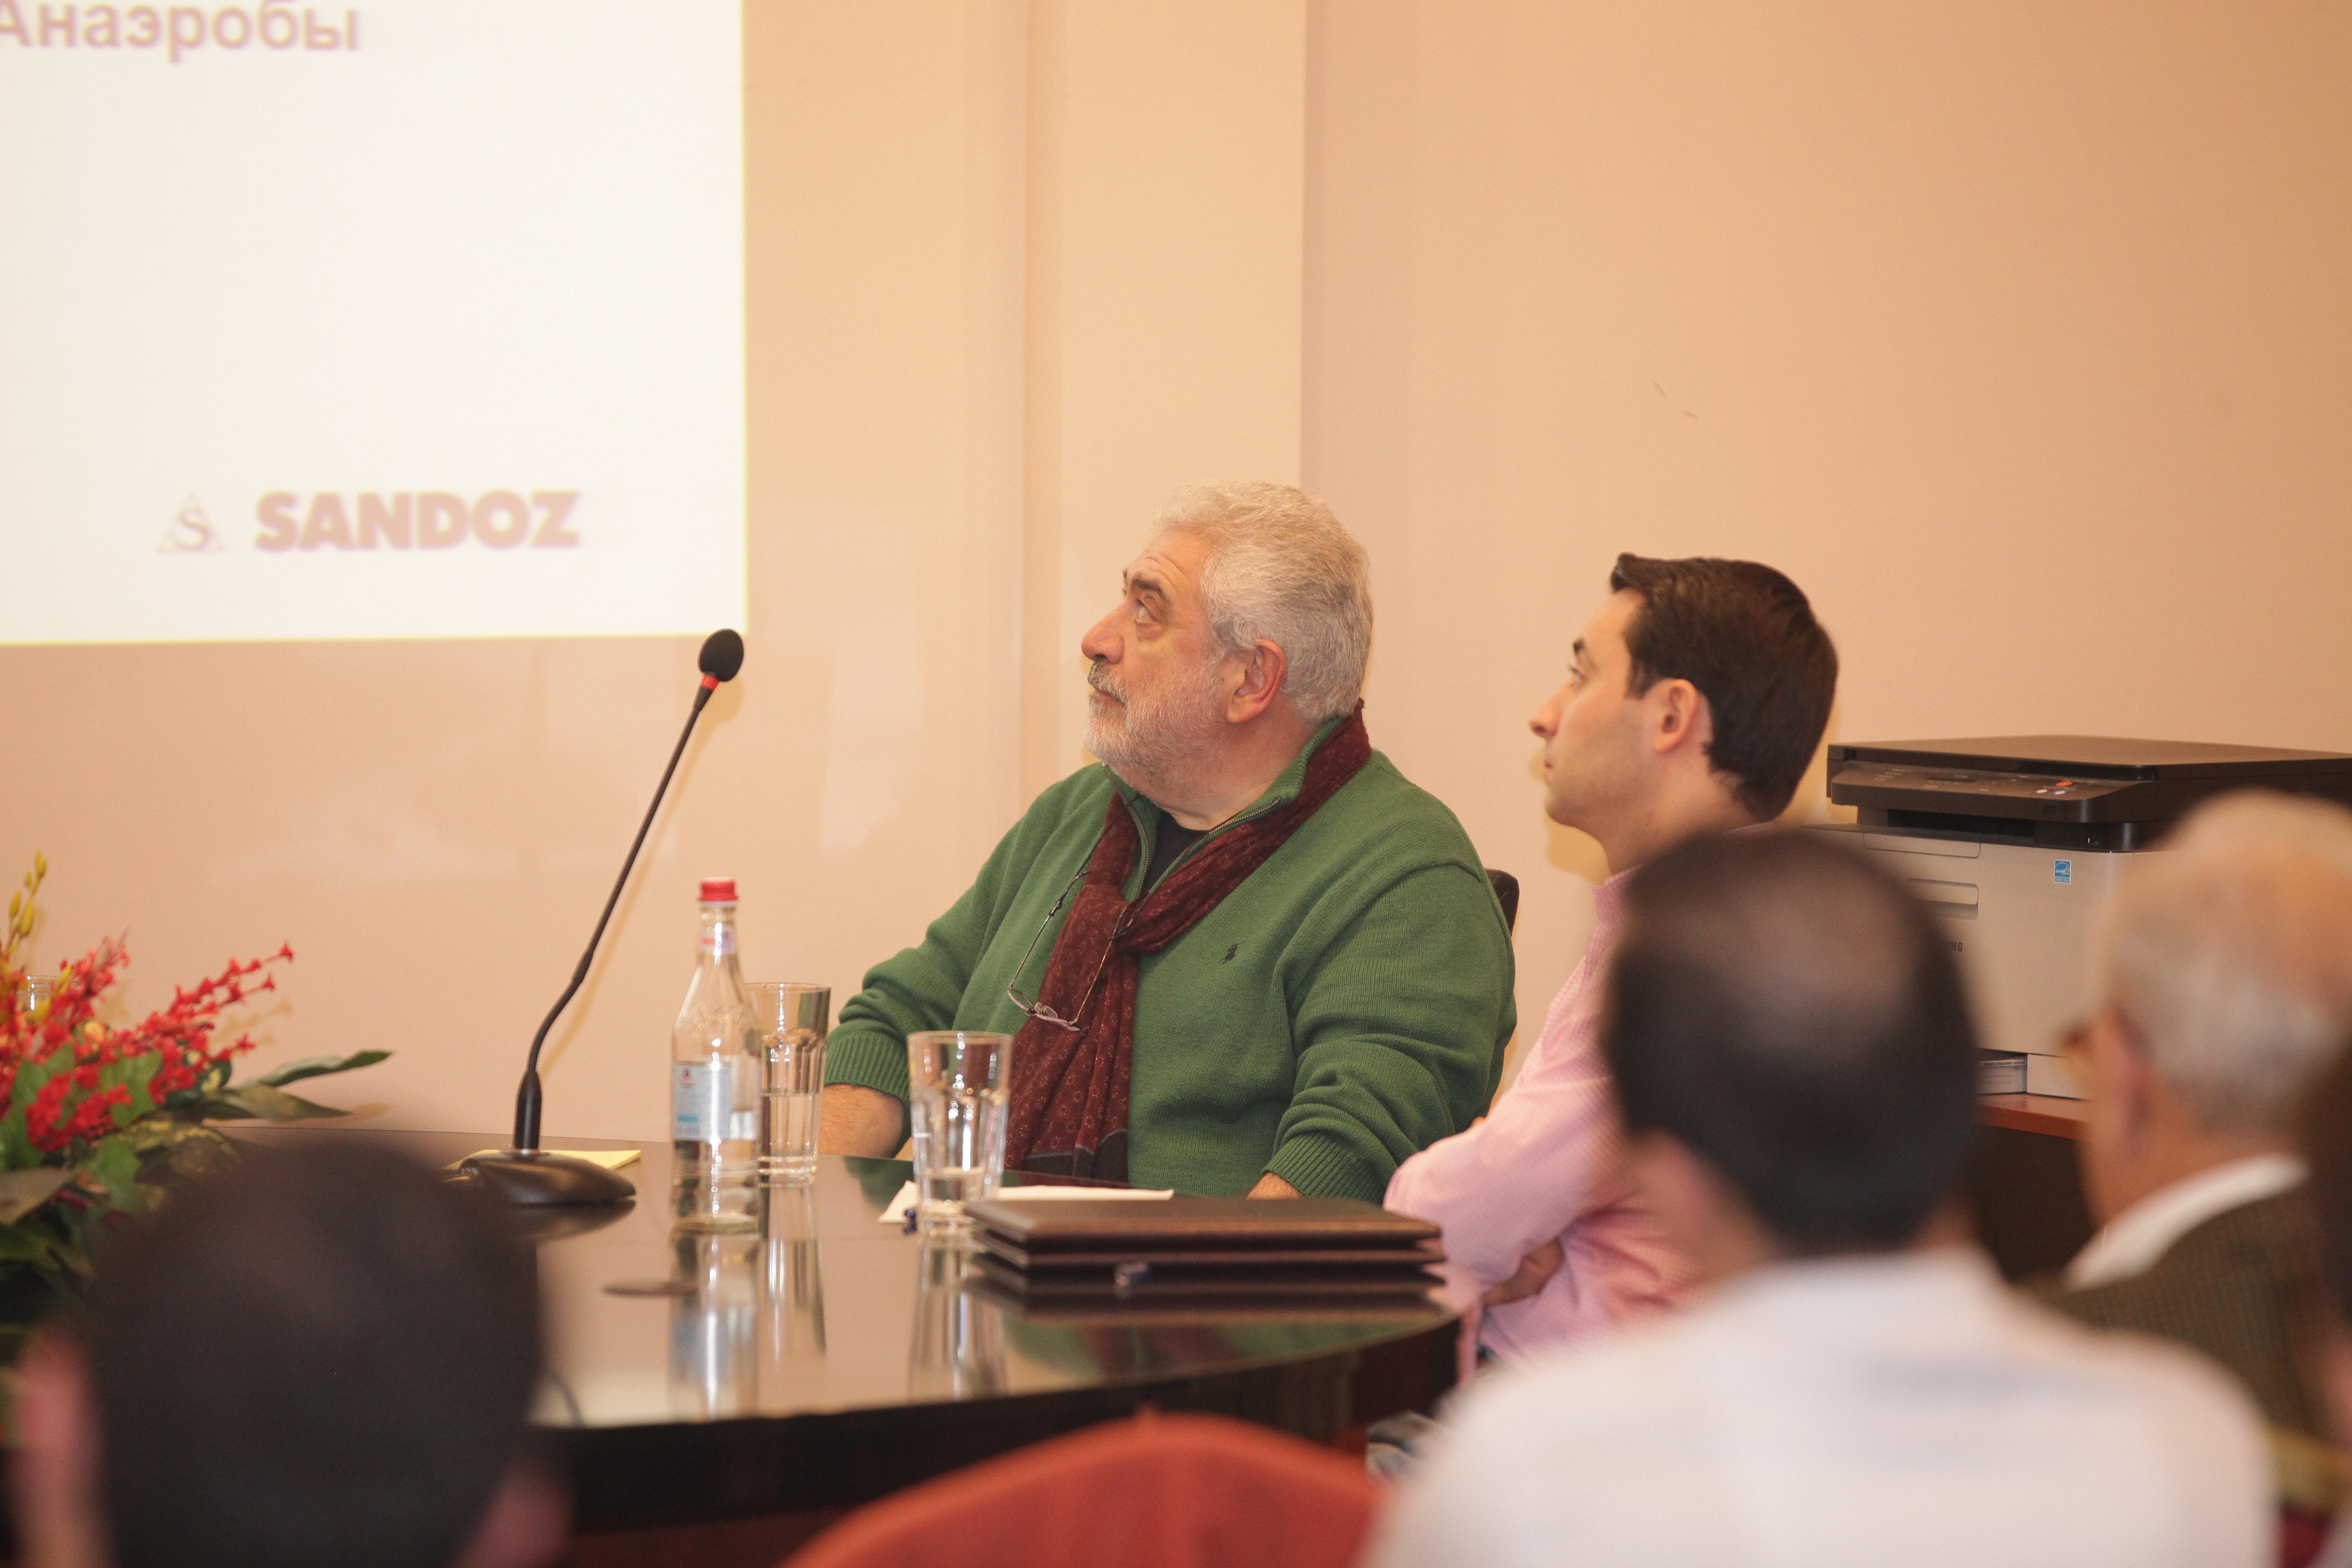 Դեկտեմբերի 23 տարվա վերջին նիստ և կայքի վերաբացում